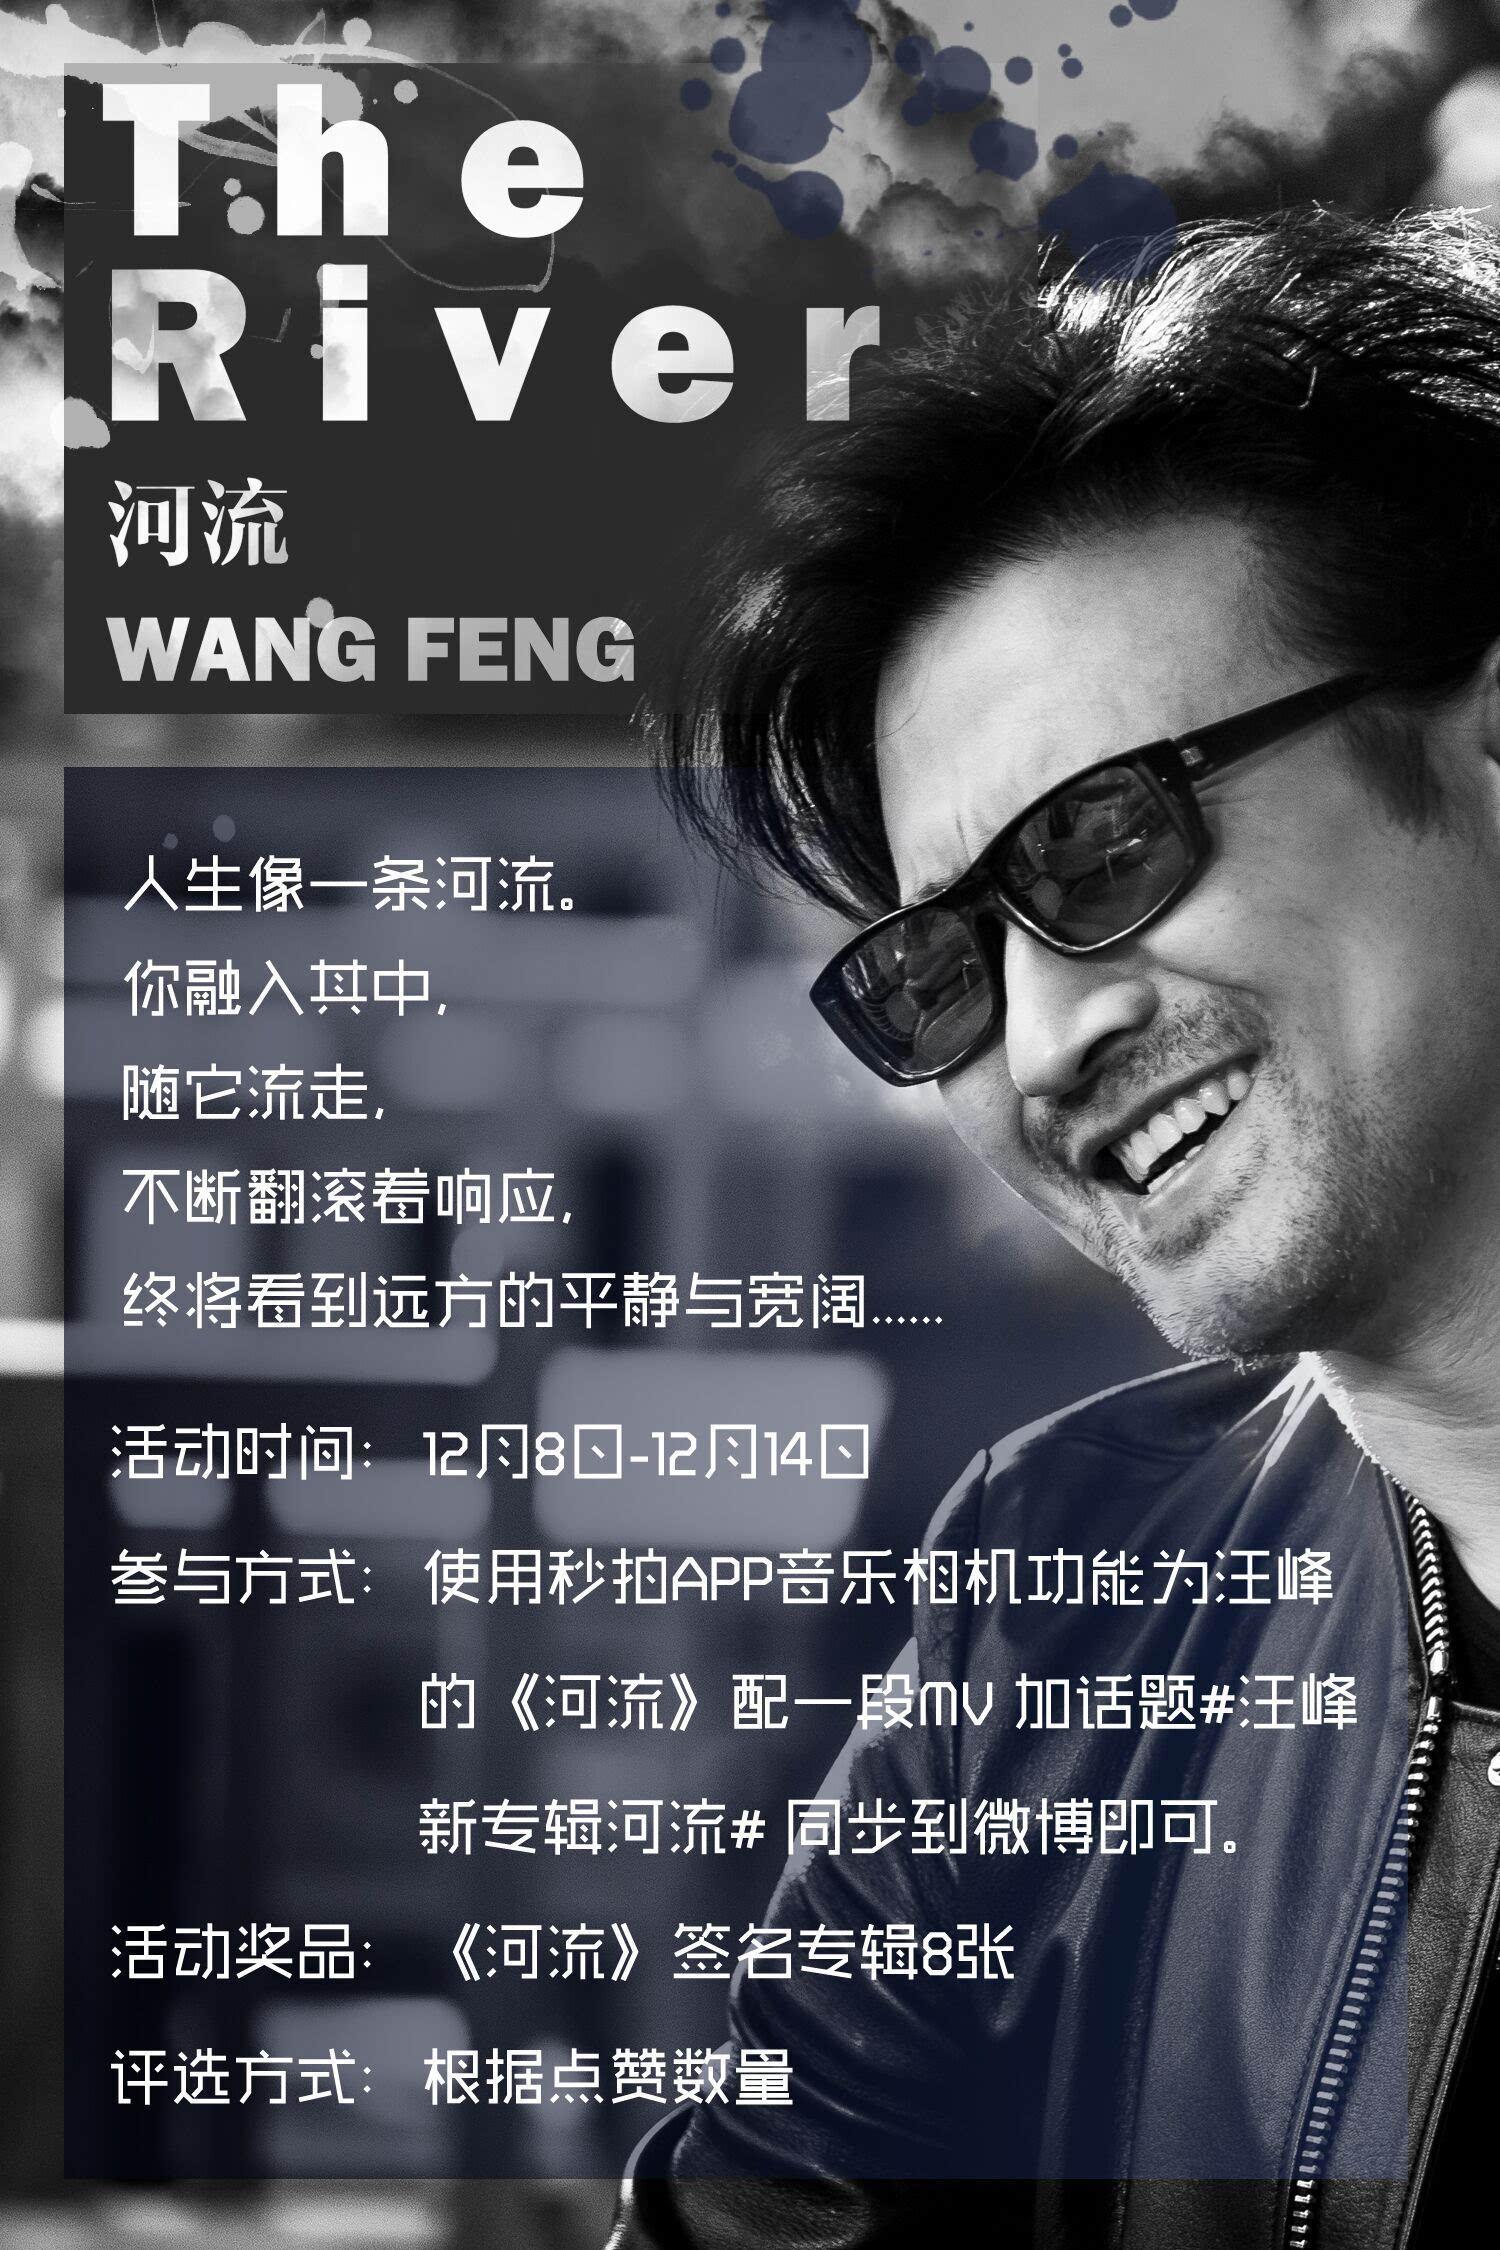 汪峰2015最新专辑《河流》实体唱片全亚洲同步发售,12月8日至14日